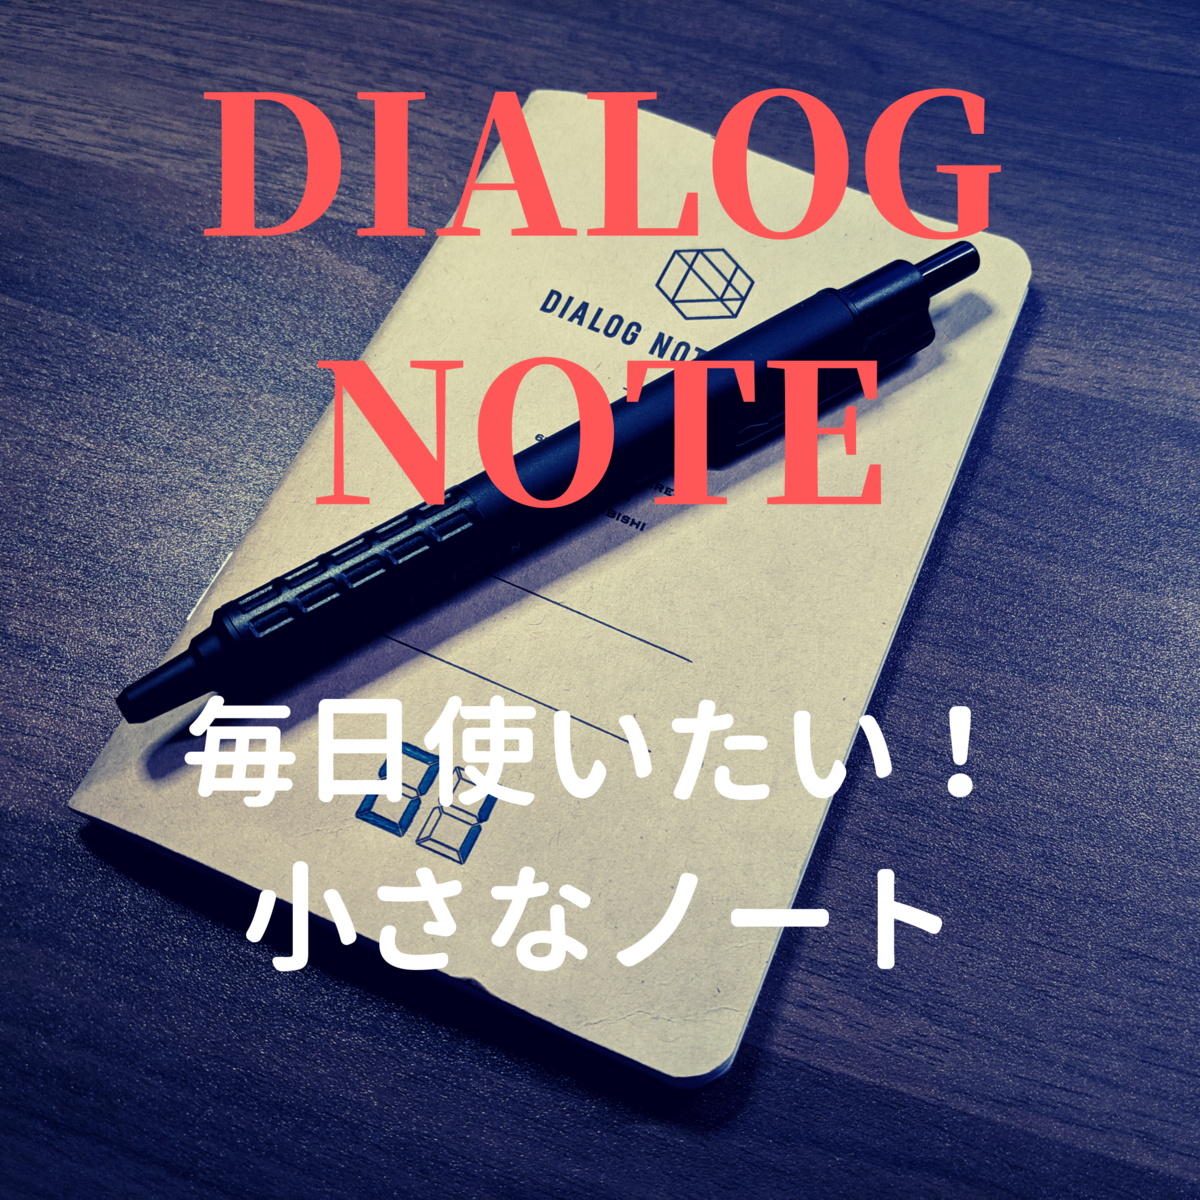 f:id:GEEQ910:20190808100236p:plain